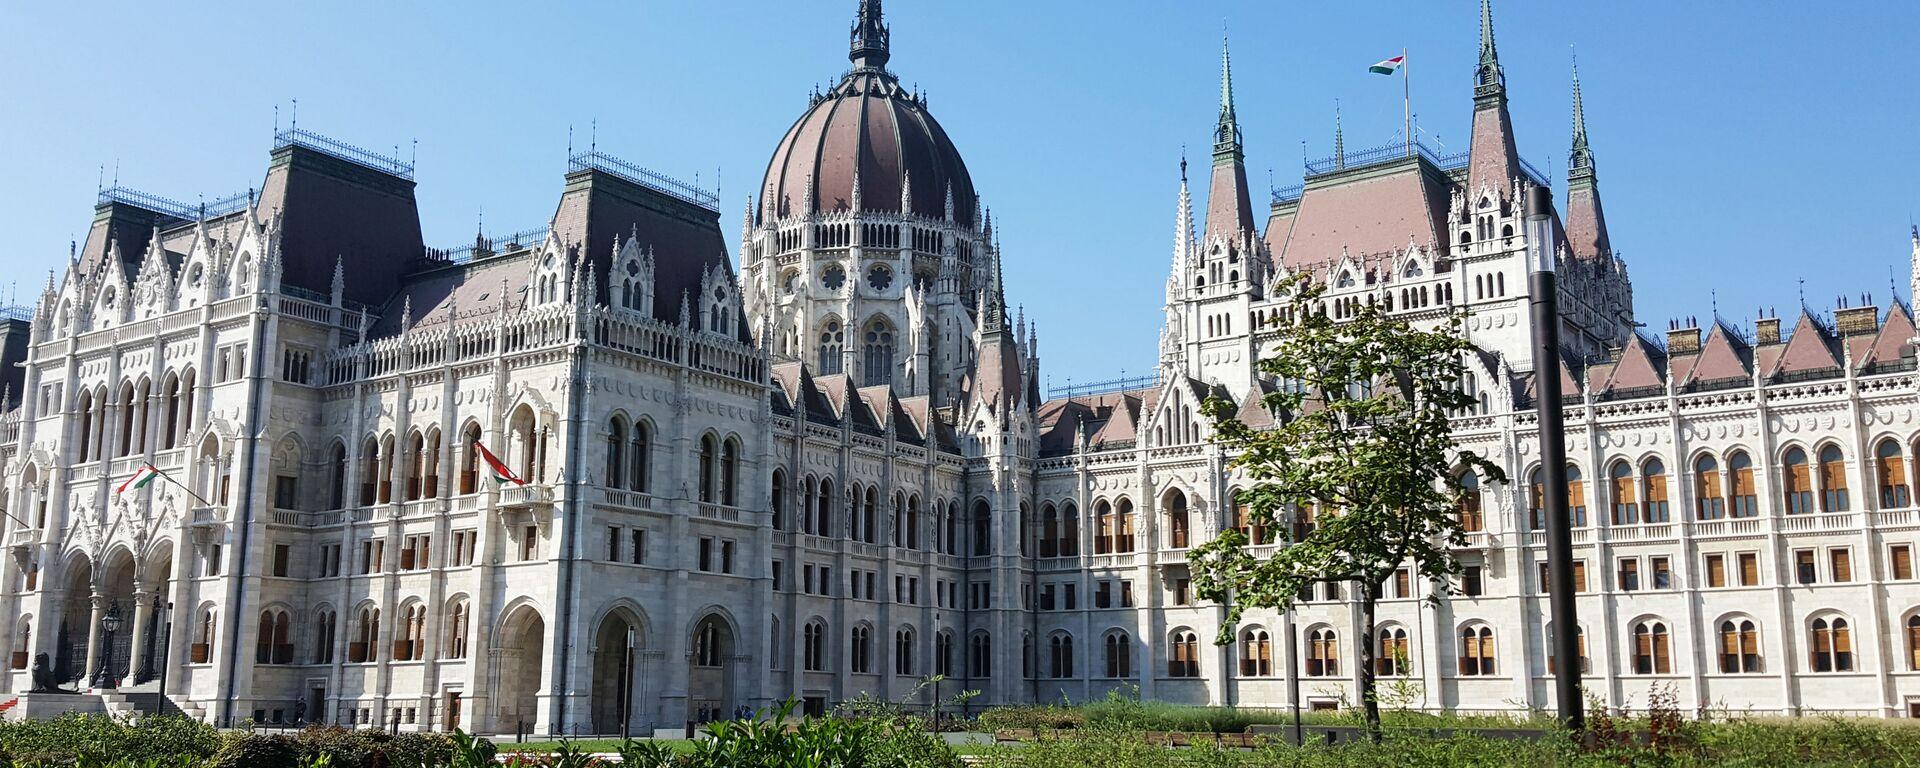 Il parlamento dell'Ungheria, Budapest - Sputnik Italia, 1920, 22.07.2021